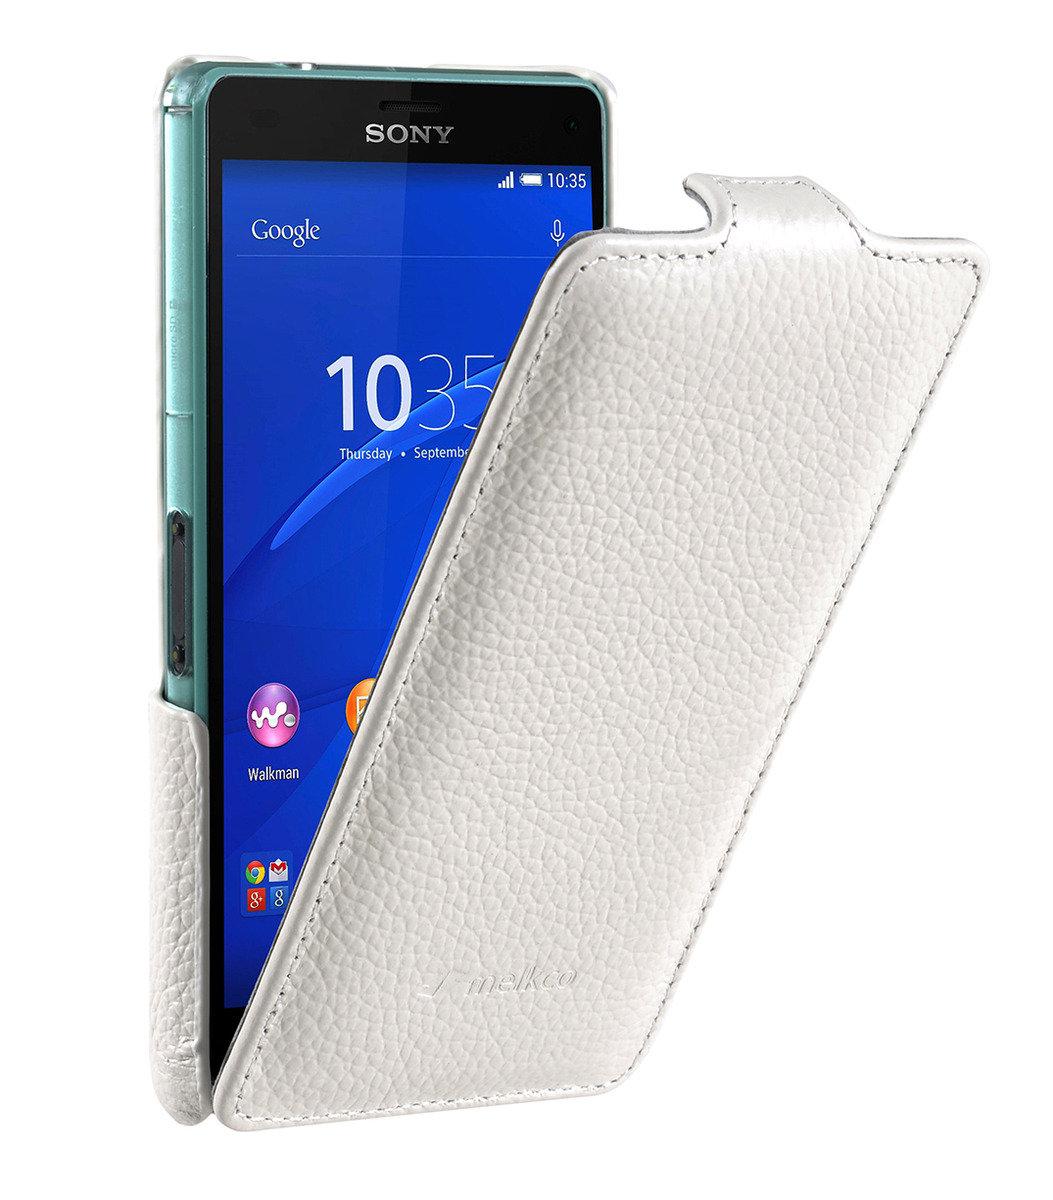 Sony Xperia Z3 Compact / Z3 Mini Jacka Type 高級真皮革手機套 (白色荔枝條紋)